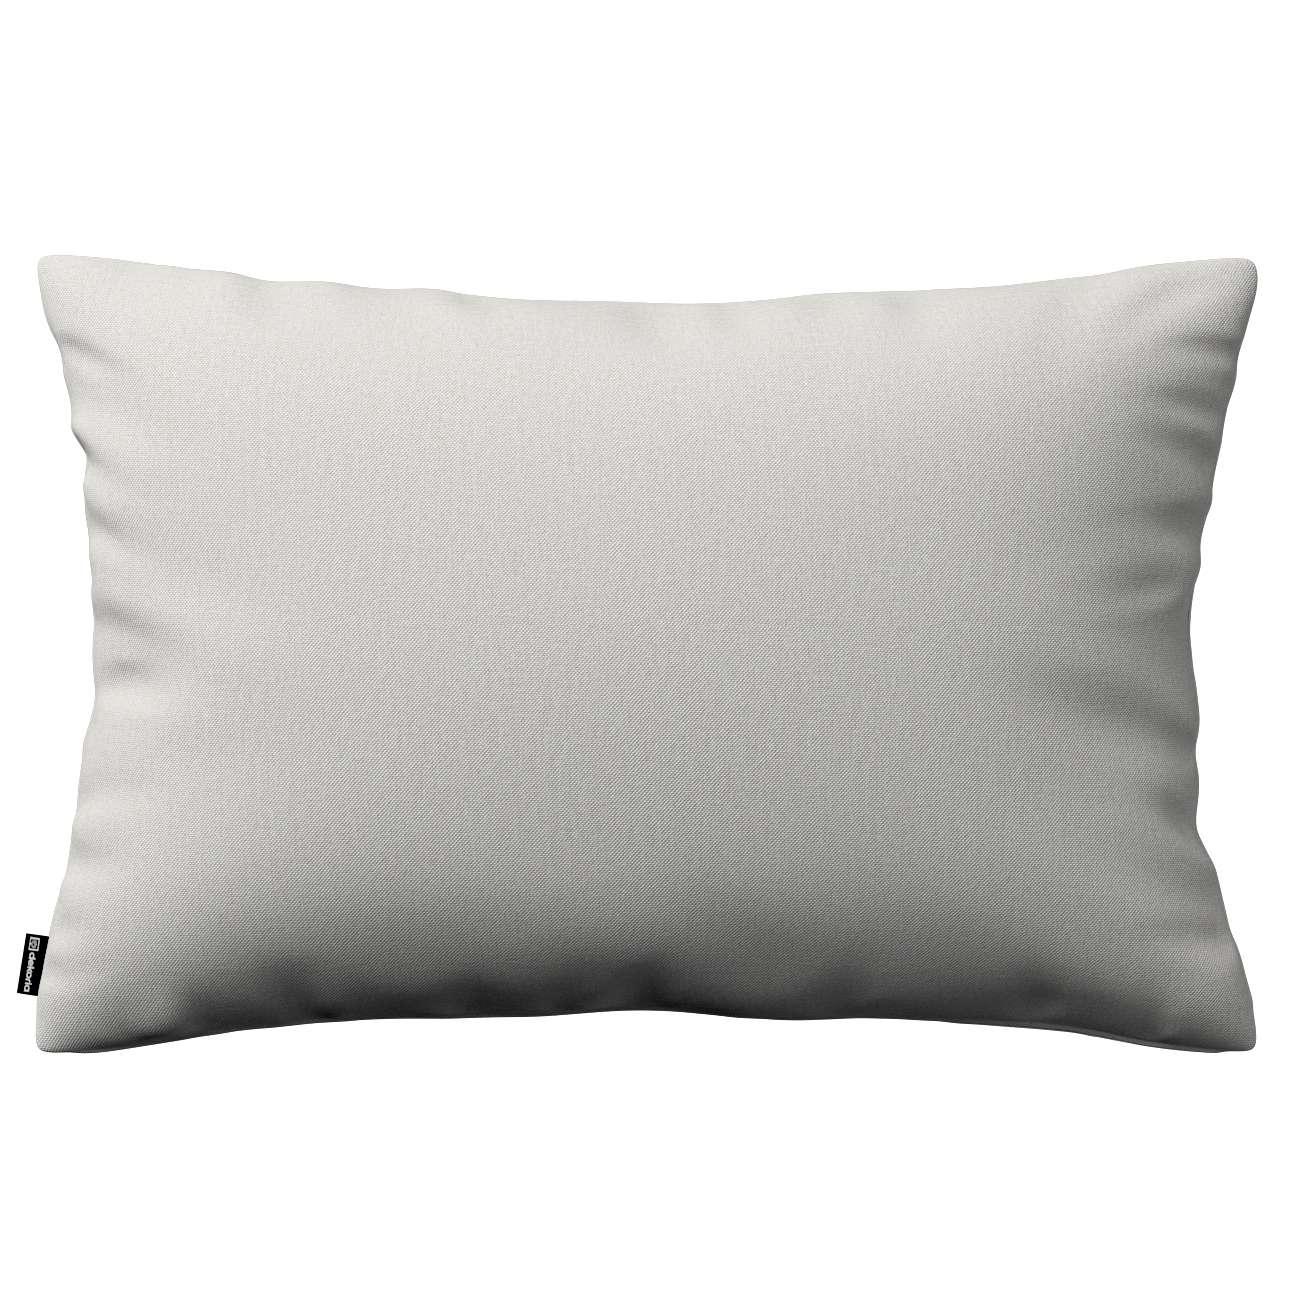 Poszewka Kinga na poduszkę prostokątną 60 x 40 cm w kolekcji Etna , tkanina: 705-90